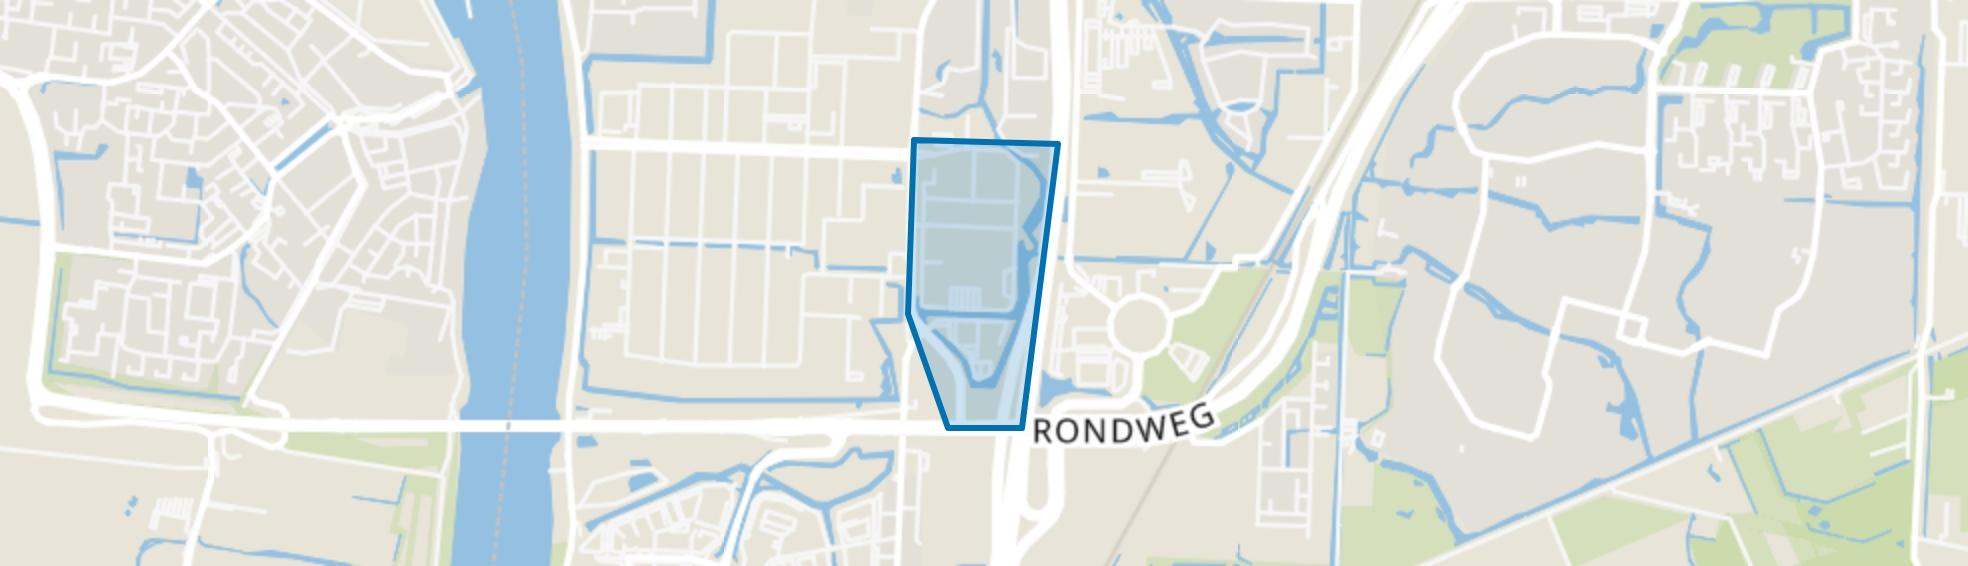 Amstelwijck-West, Dordrecht map